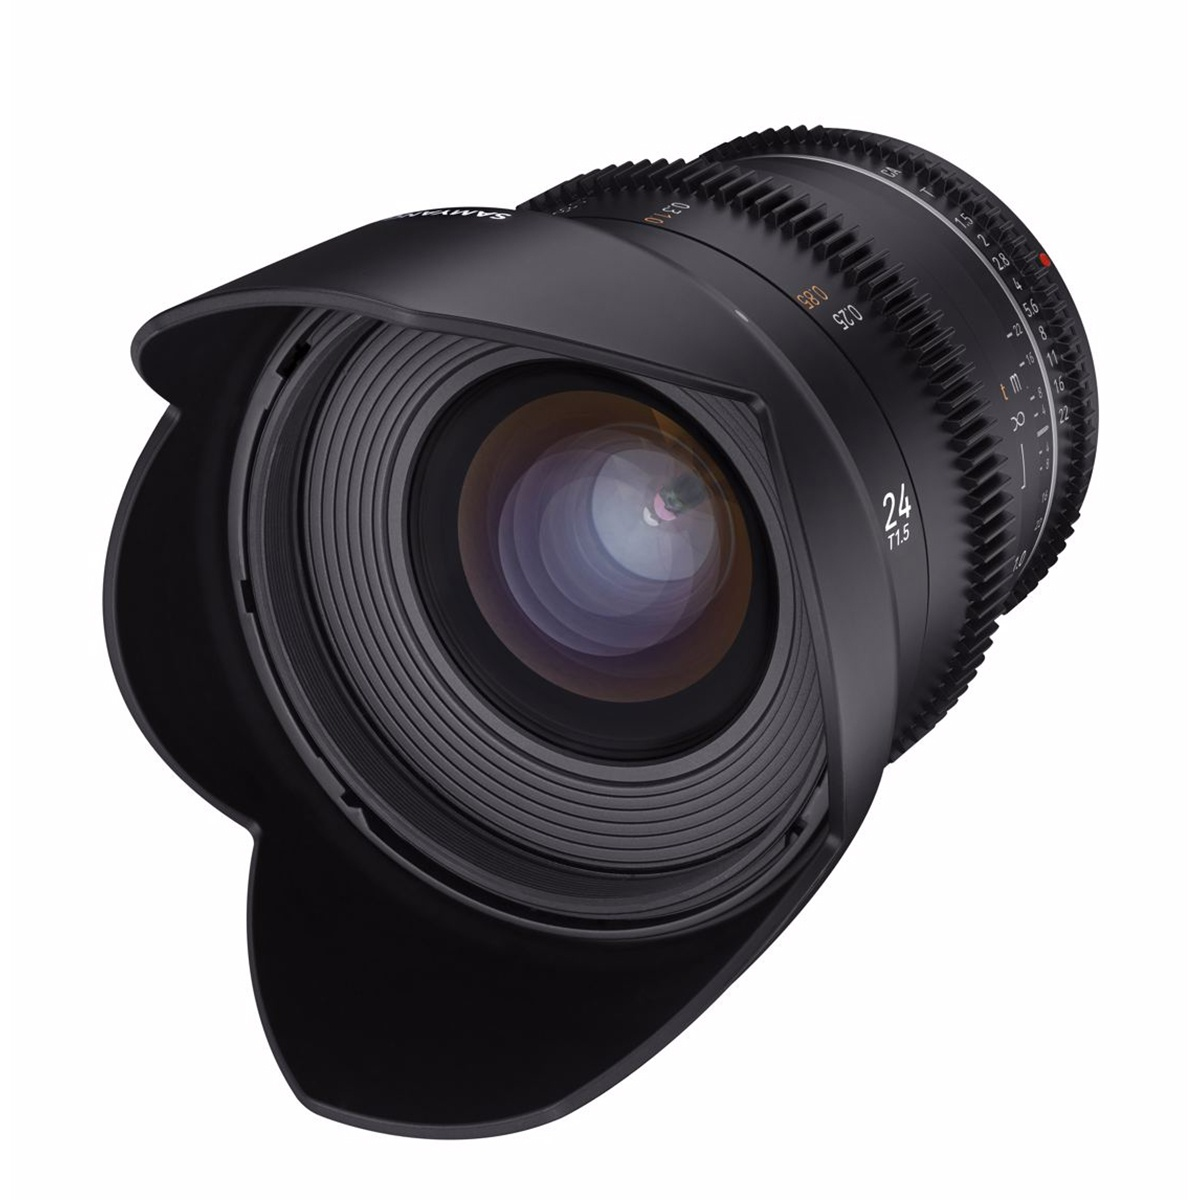 SAMYANG 24mm T1.5 VDSLR MK2 Fuji X